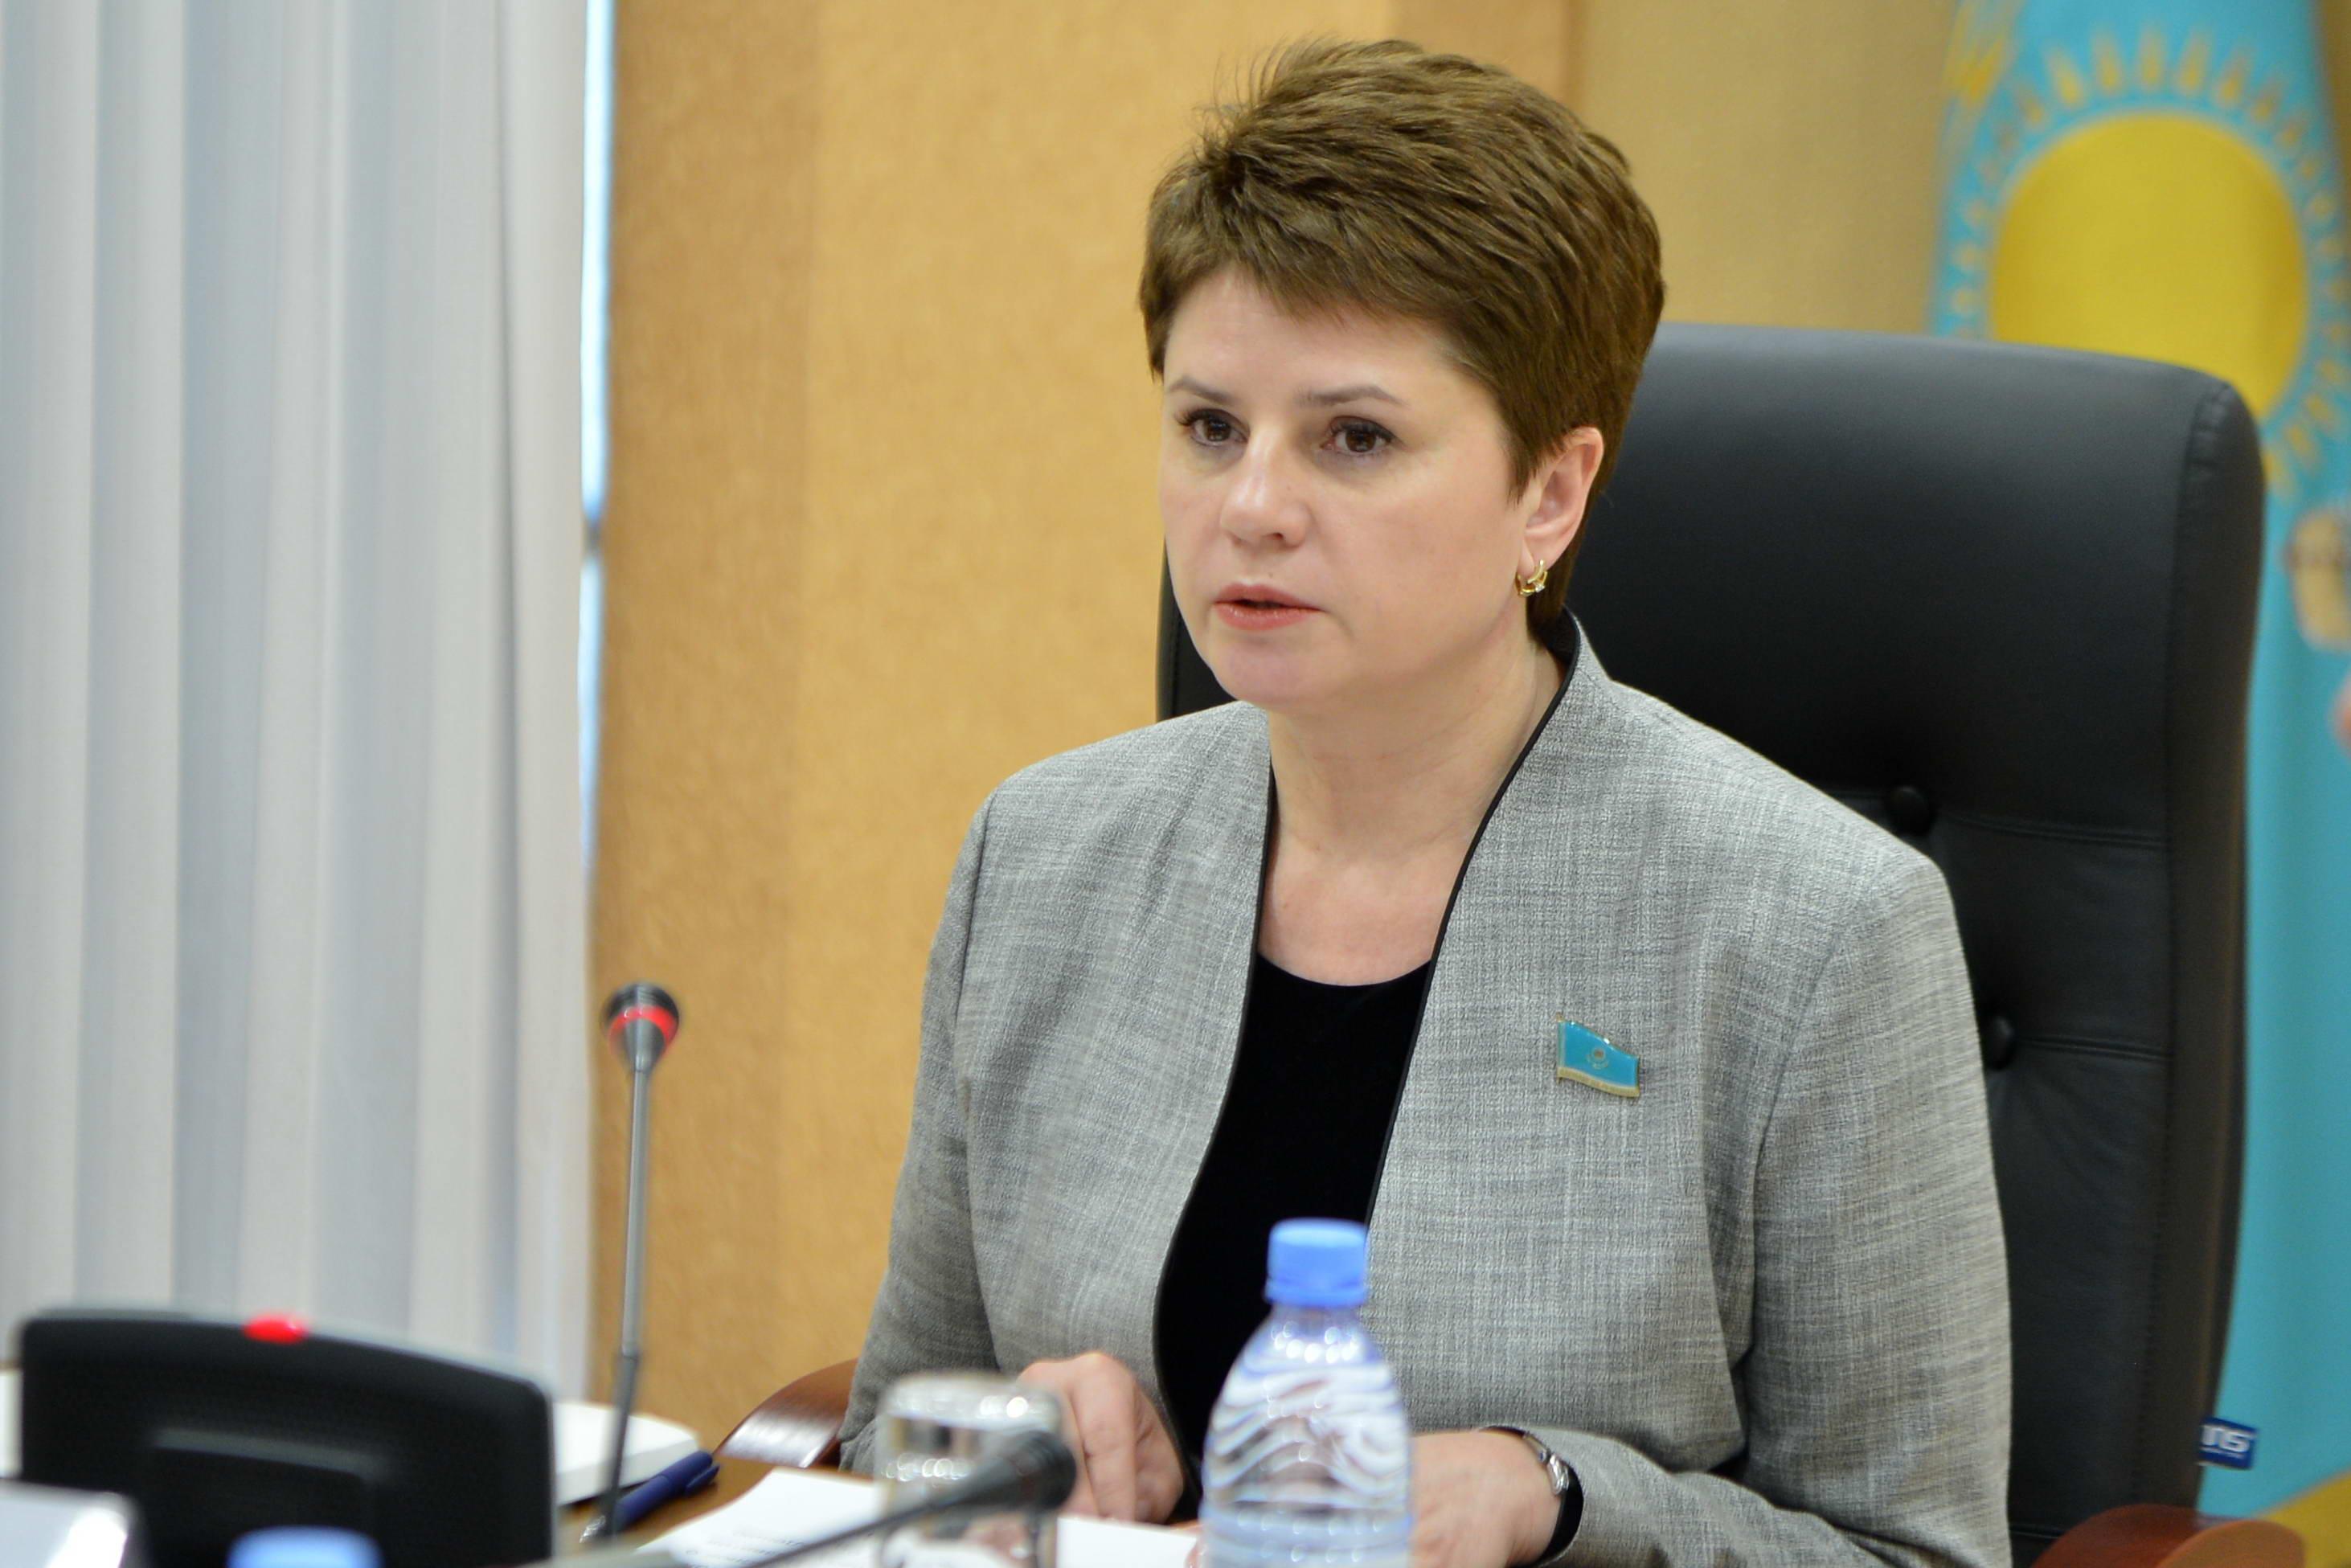 Перепечина, Ольга Валентиновна — Википедия